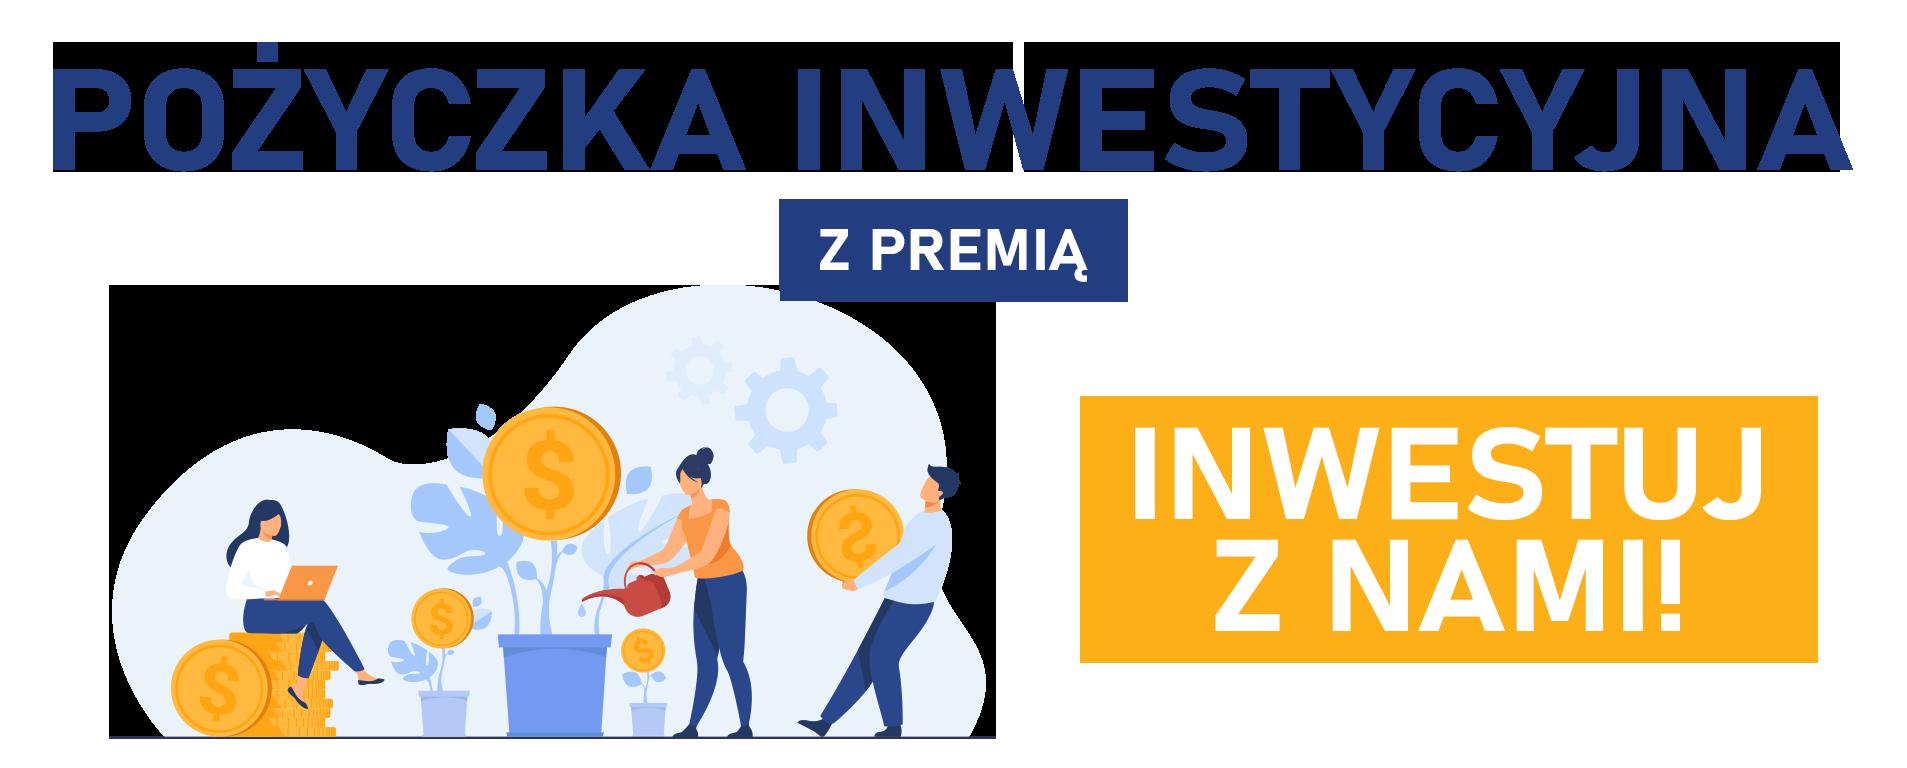 pozyczki_inwestycyjna_z_premia2